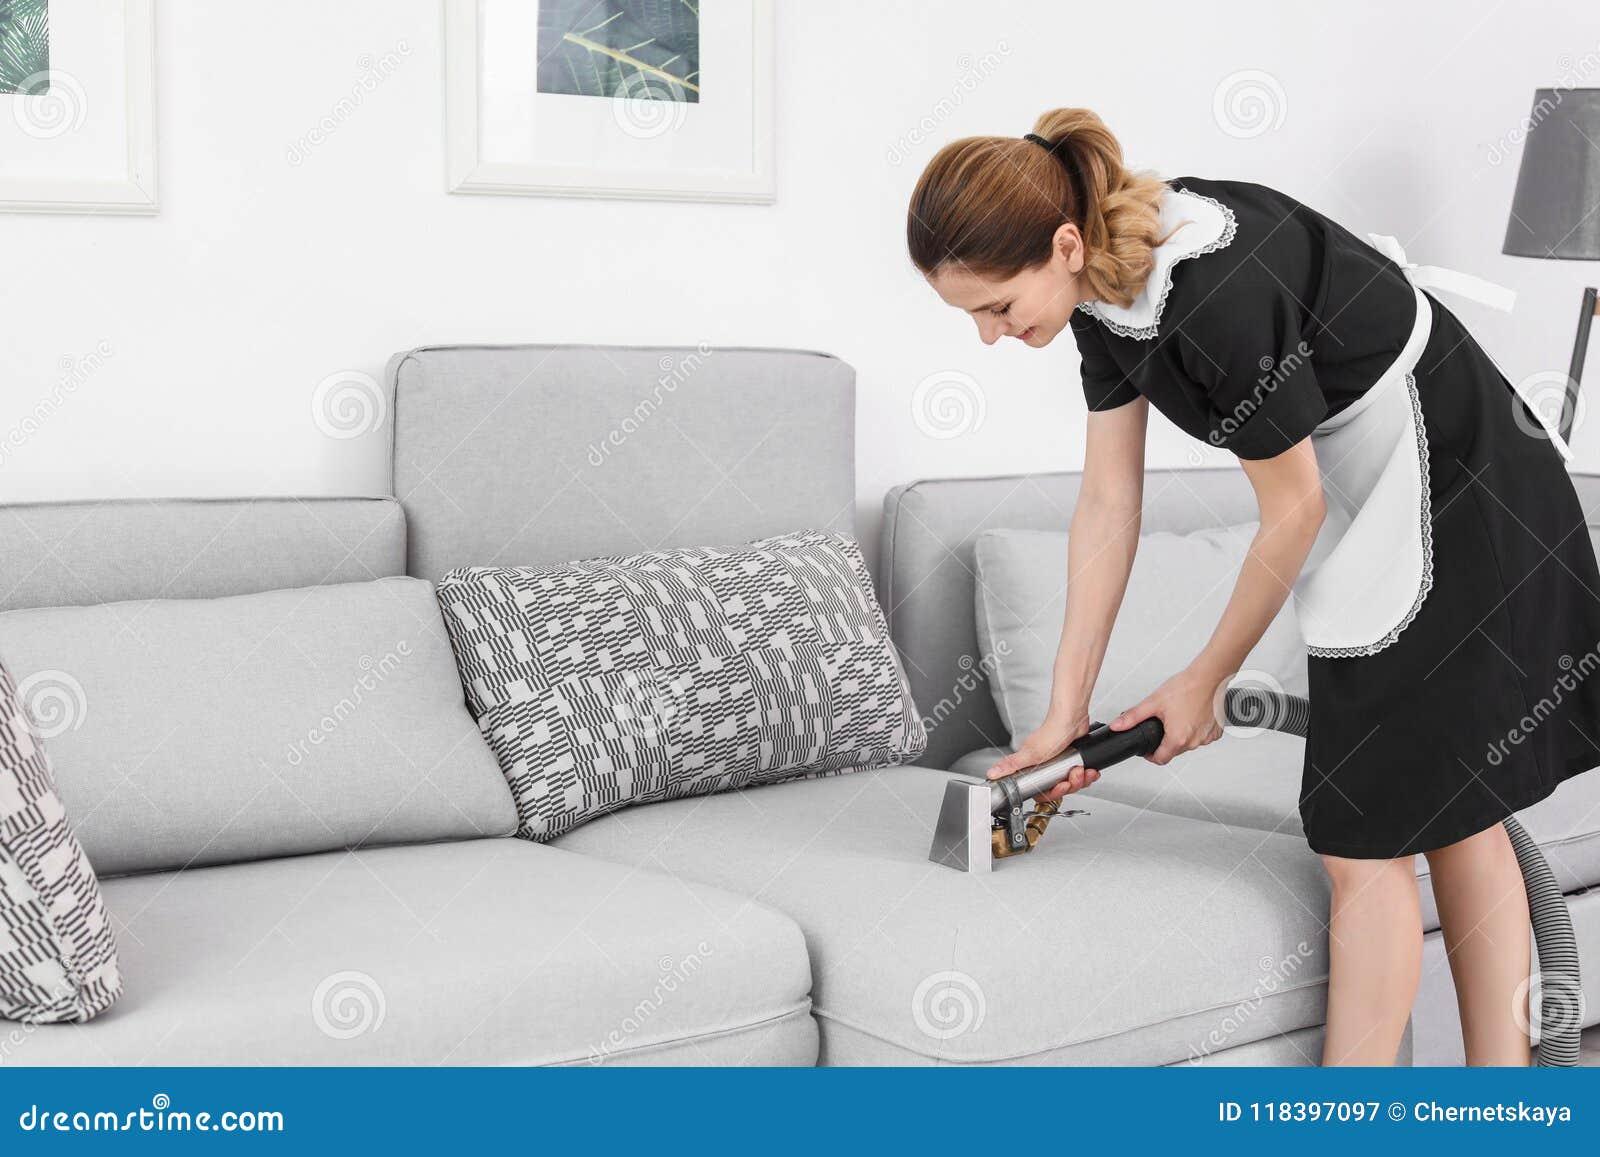 Main-d œuvre féminine enlevant la saleté du sofa avec l aspirateur professionnel, à l intérieur